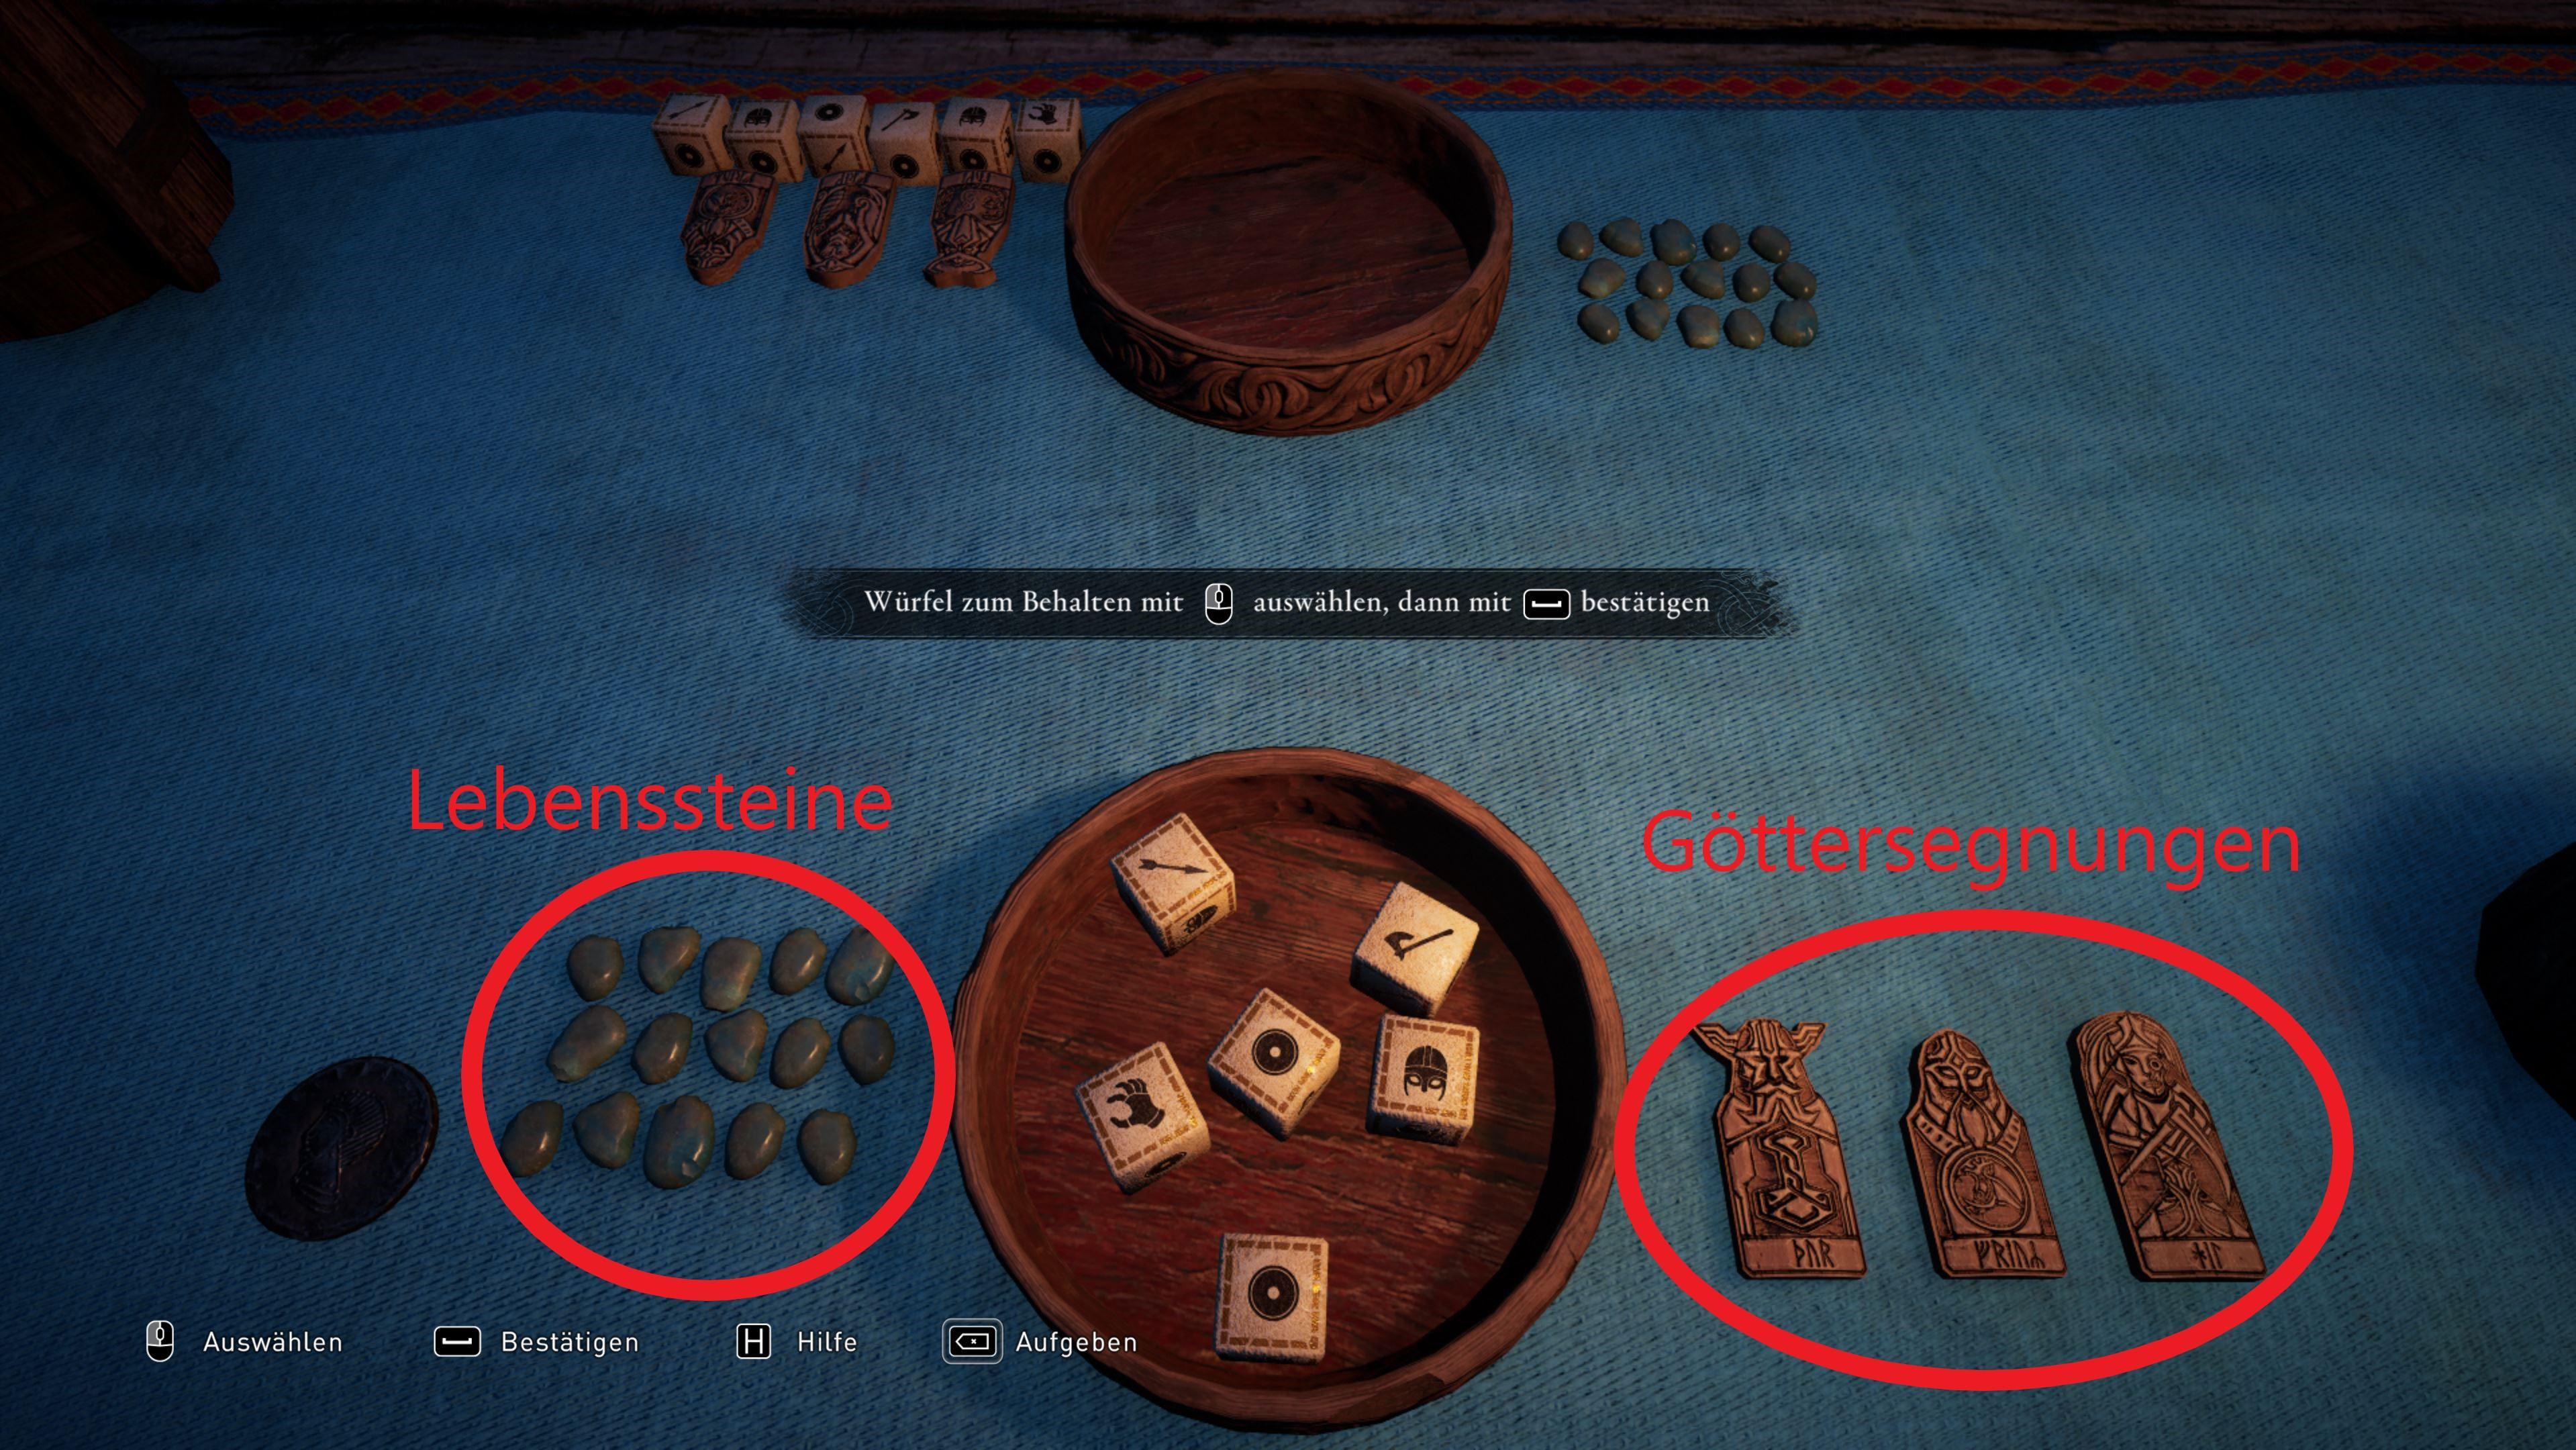 Örlög ist ein Würfelspiel in Assassins Creed Valhalla, bei dem neben Würfelglück auch Strategie gefordert ist